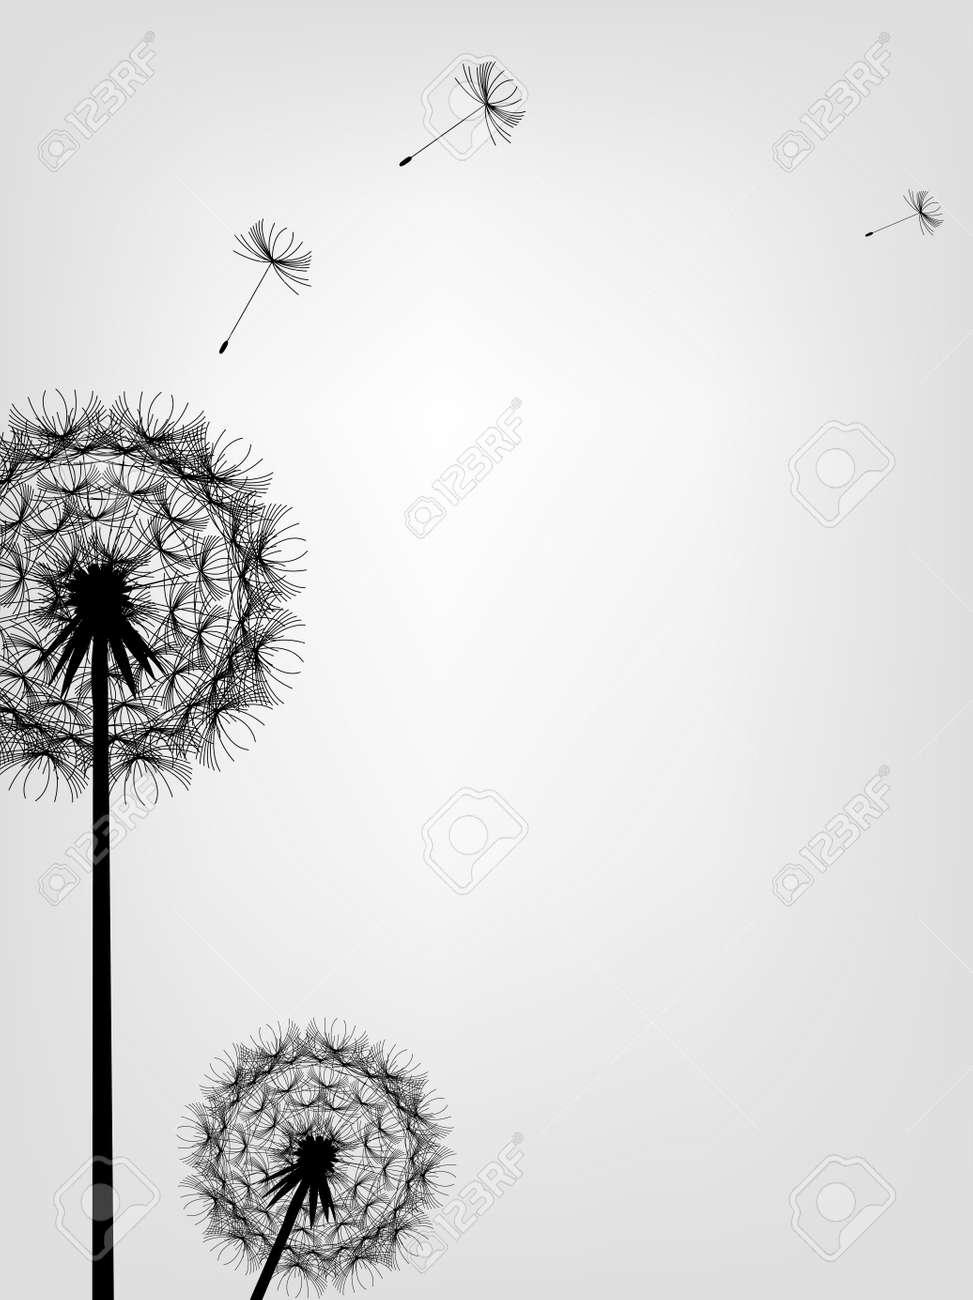 illustration of Dandelion background - 14325354